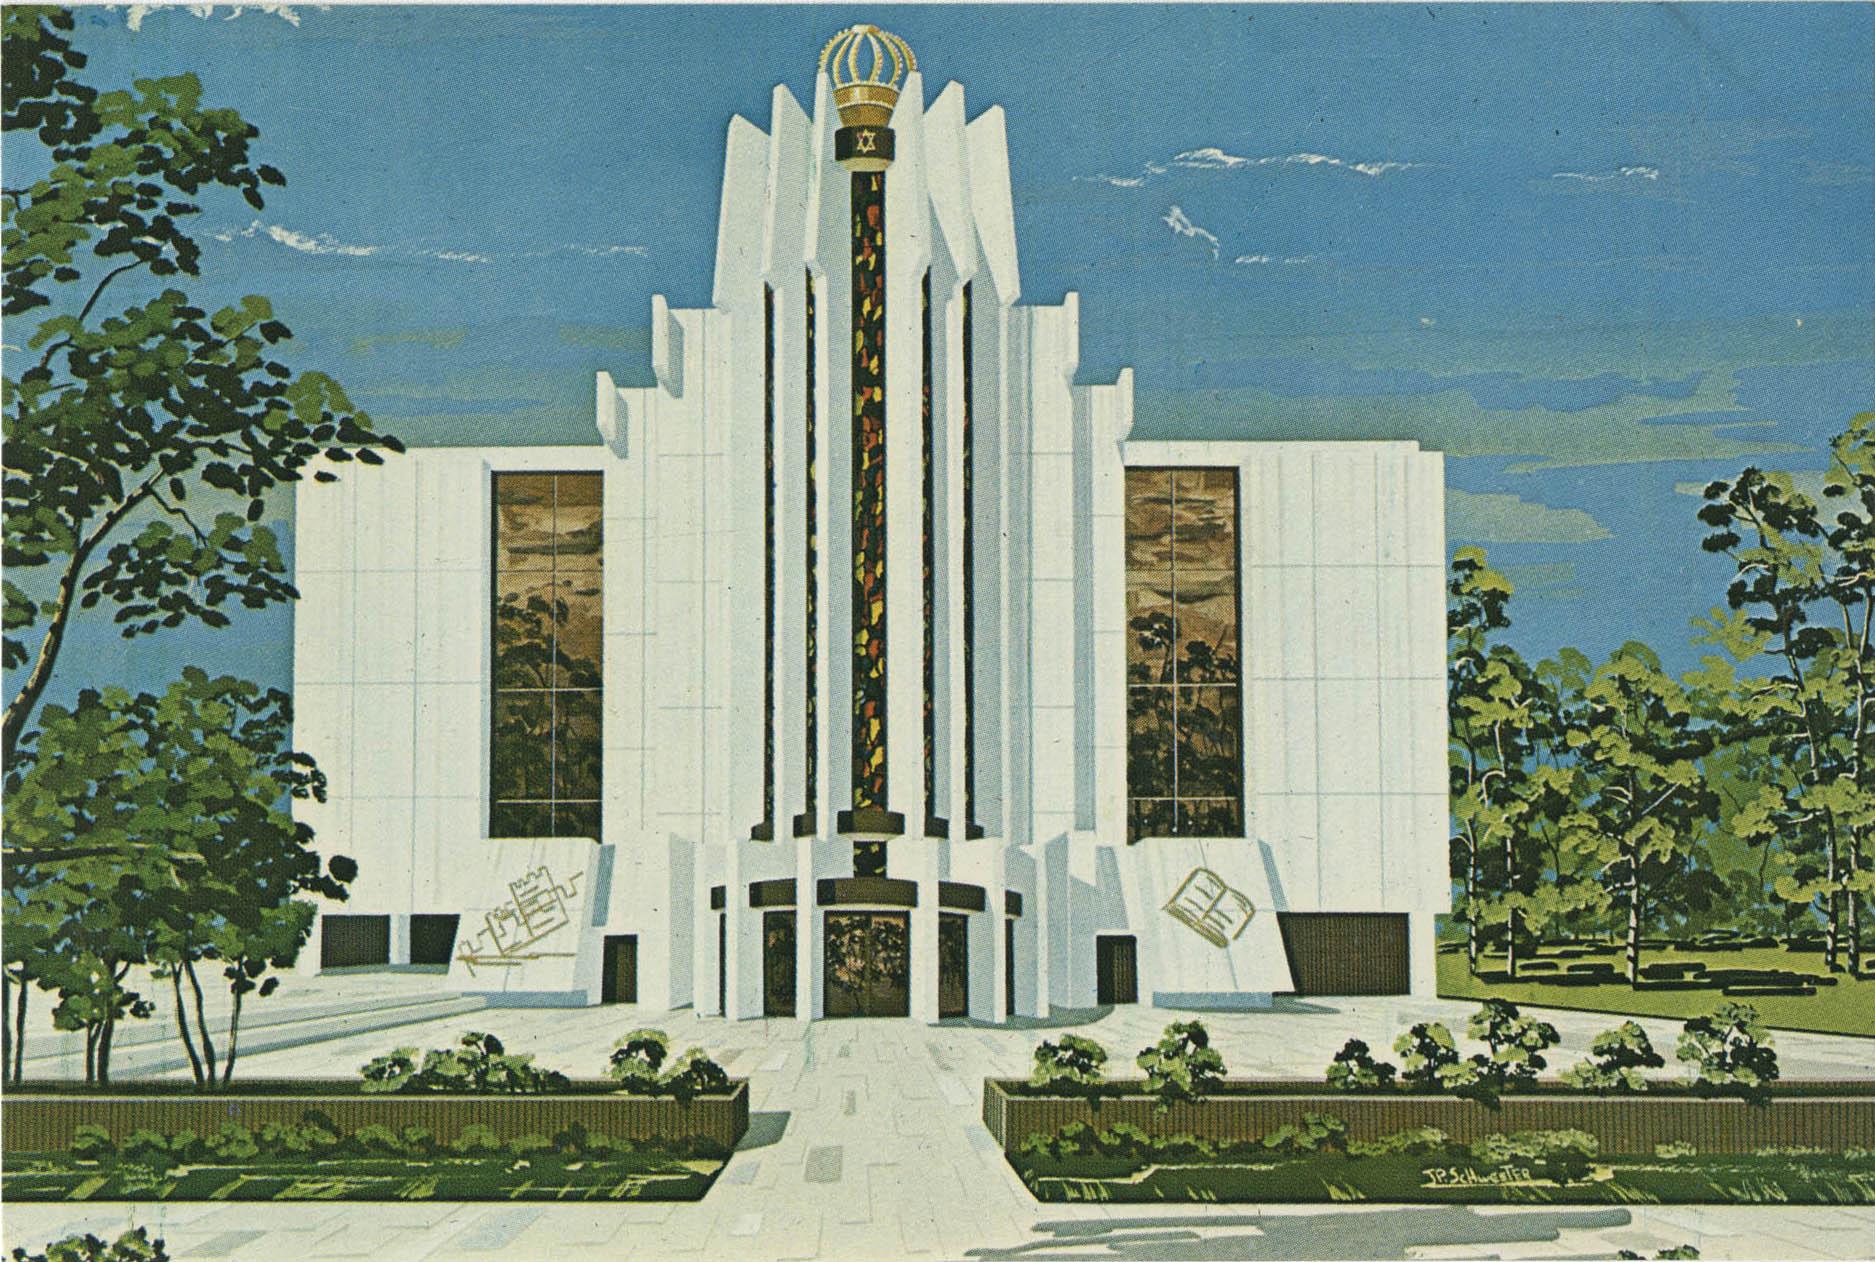 בית הכנסת הגדול בירושלים / Jerusalem Great Synagogue